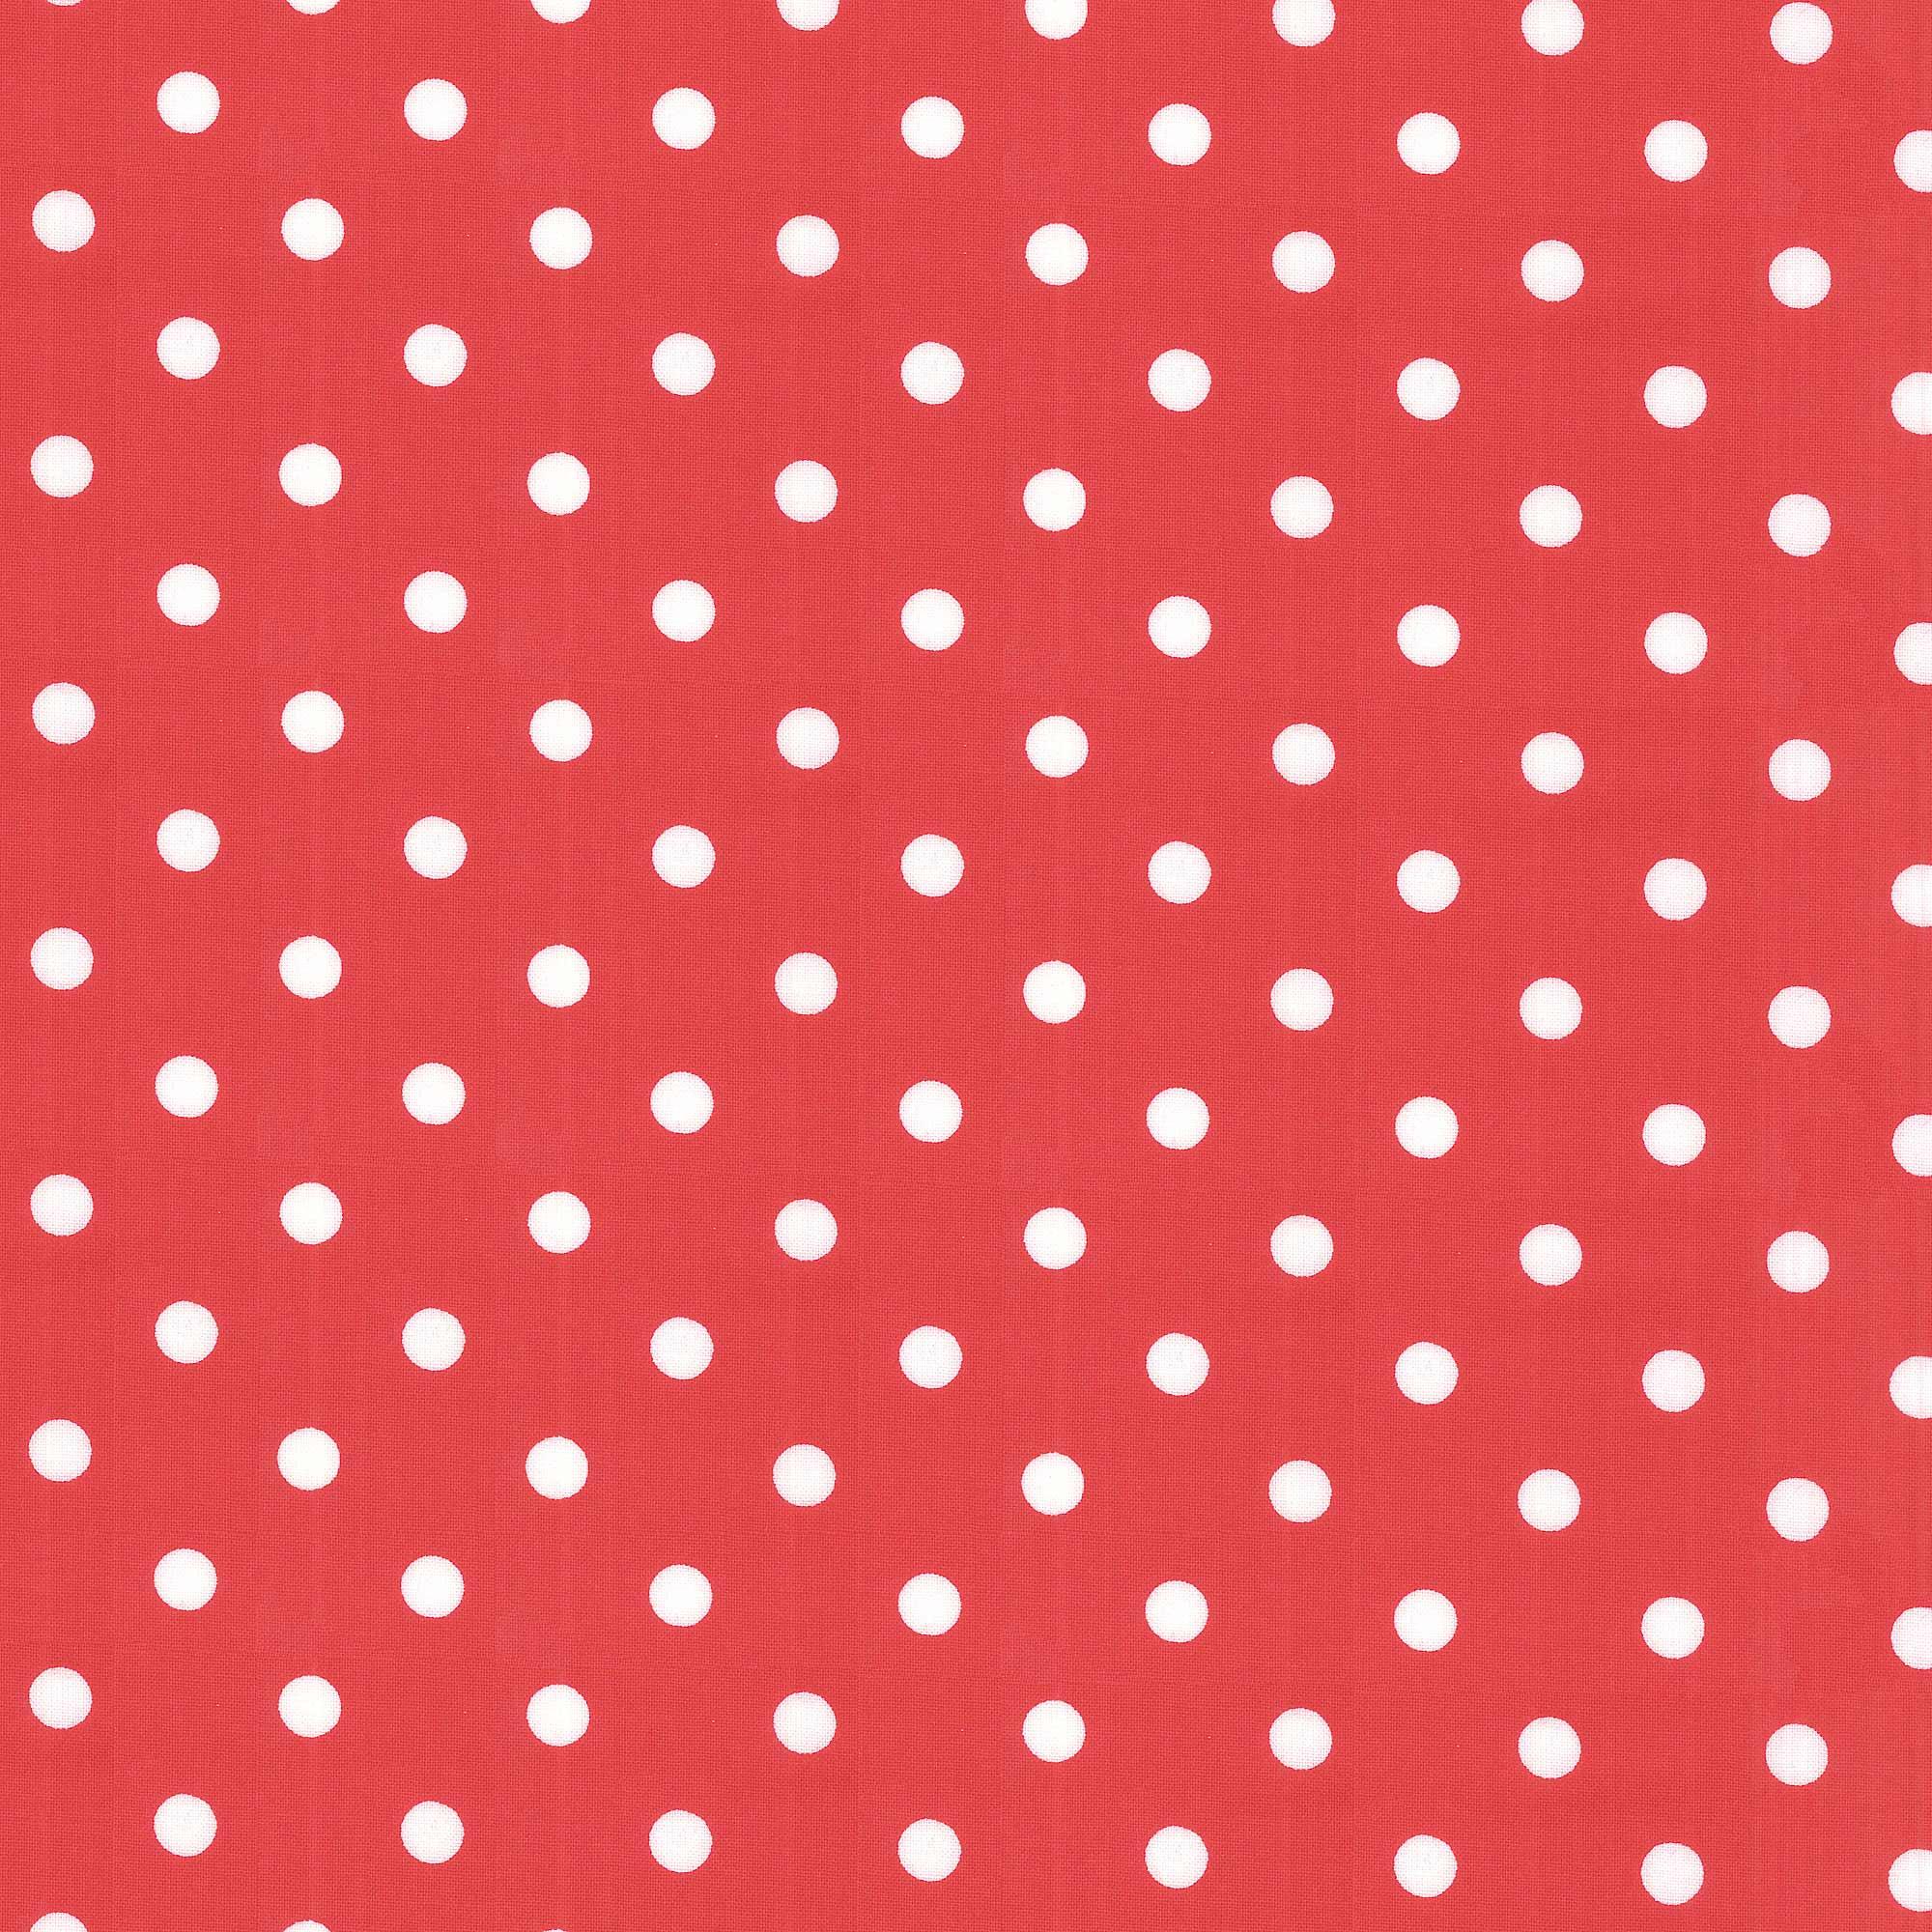 produkt_img/010506206.jpg